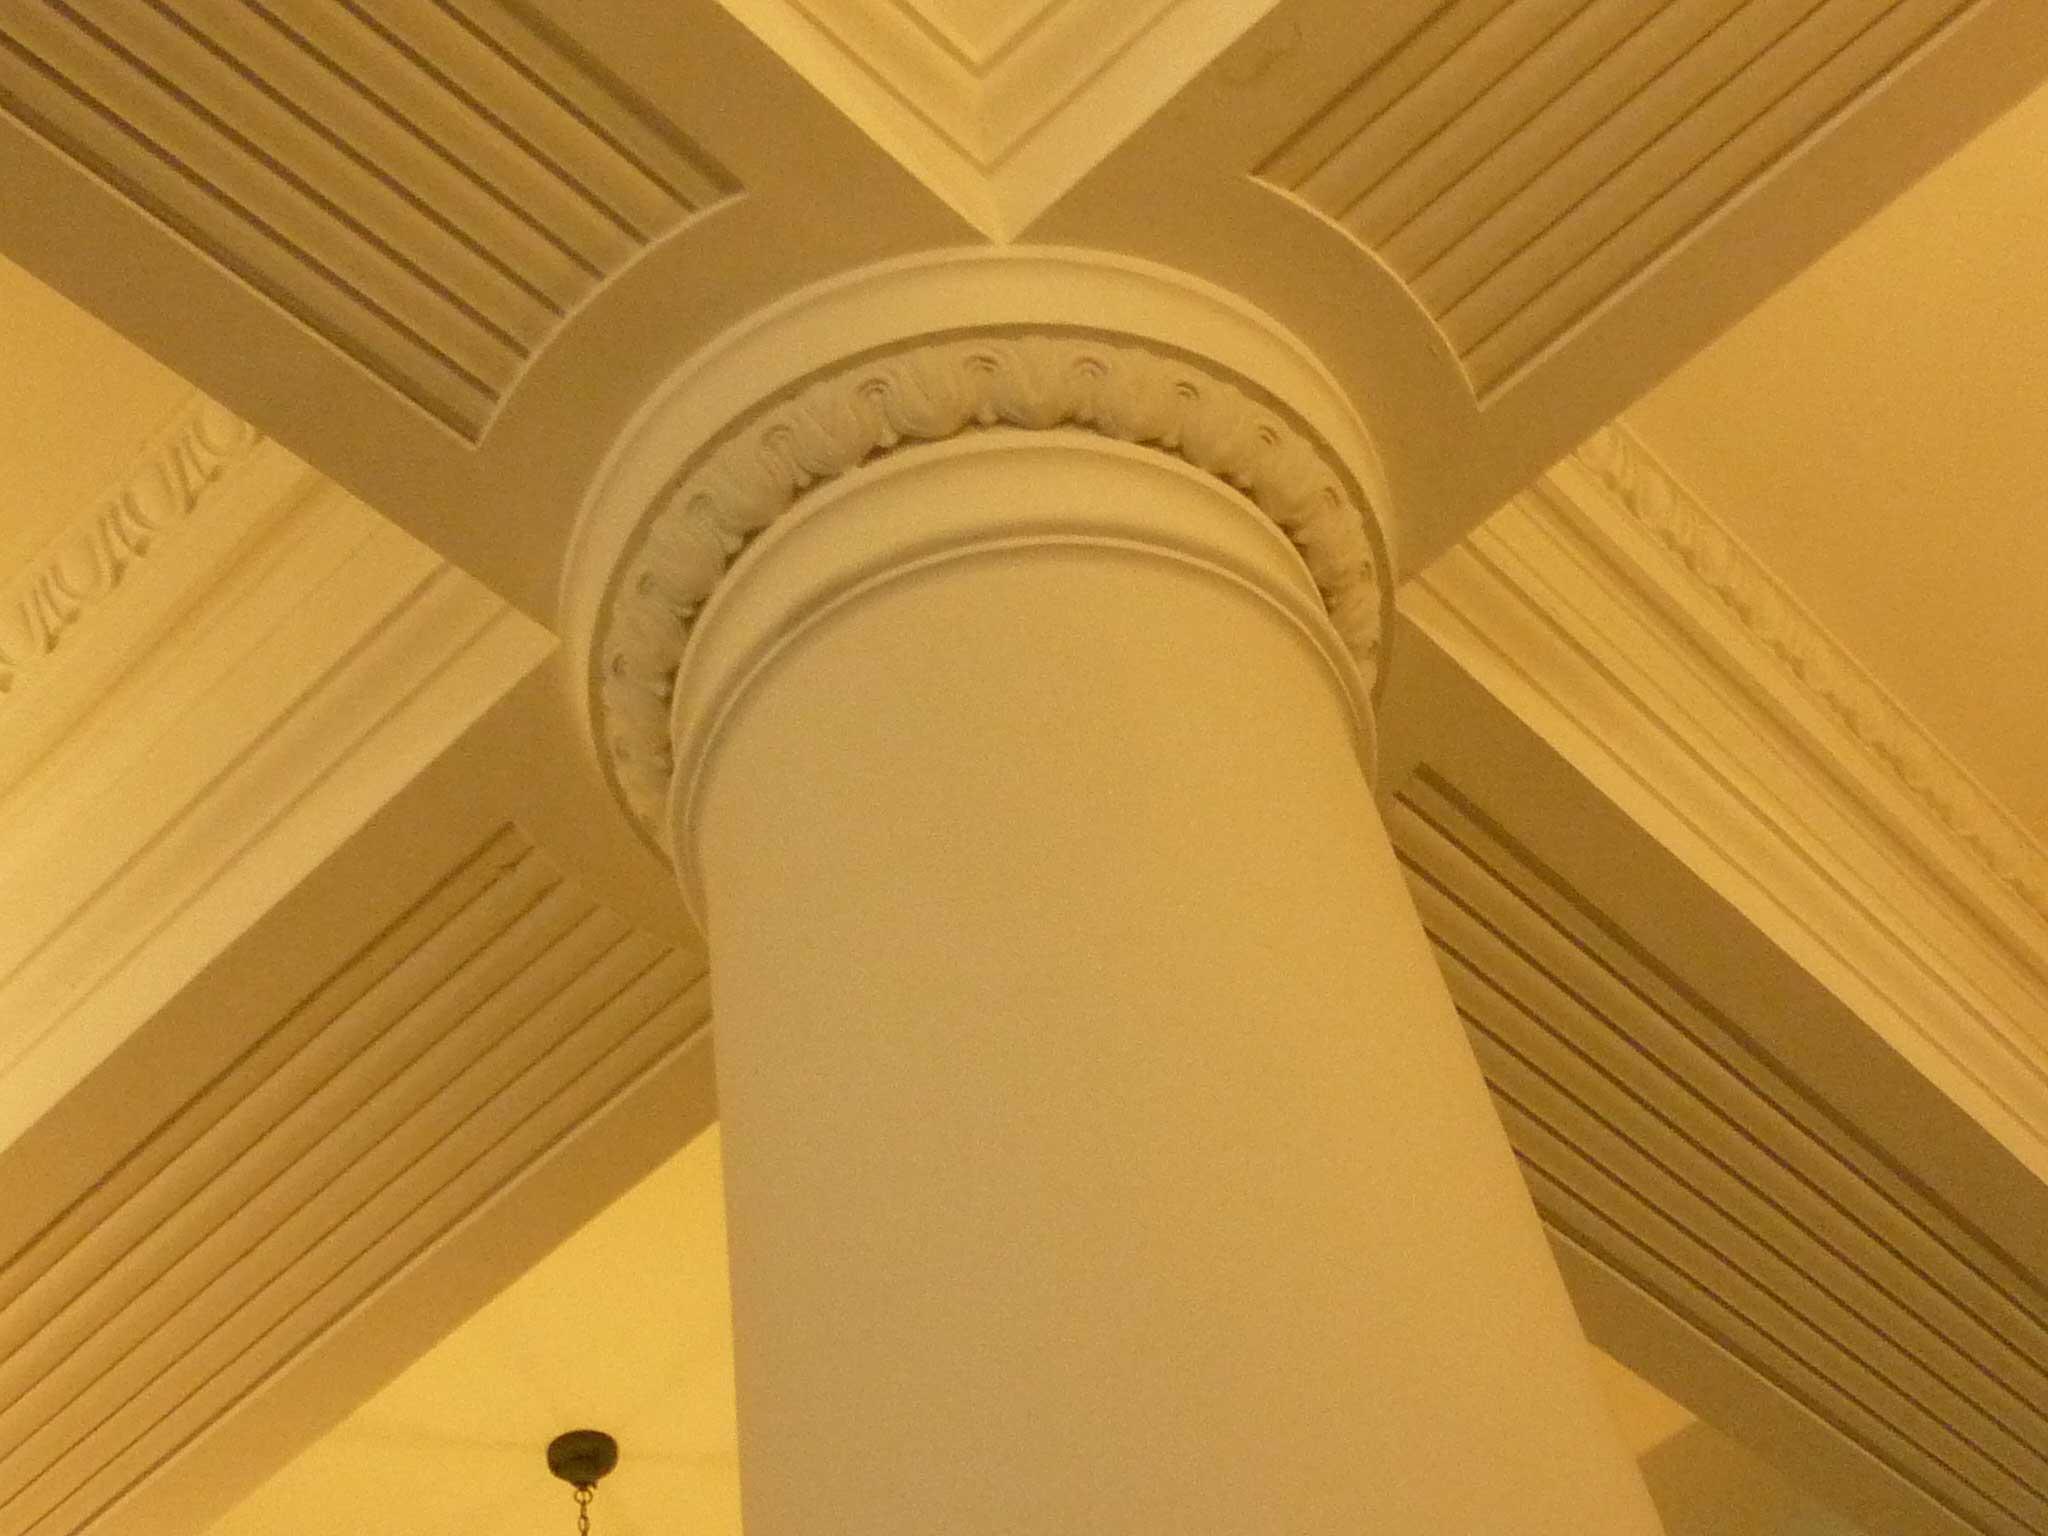 <p>元執務室の柱型及び梁底の装飾</p>